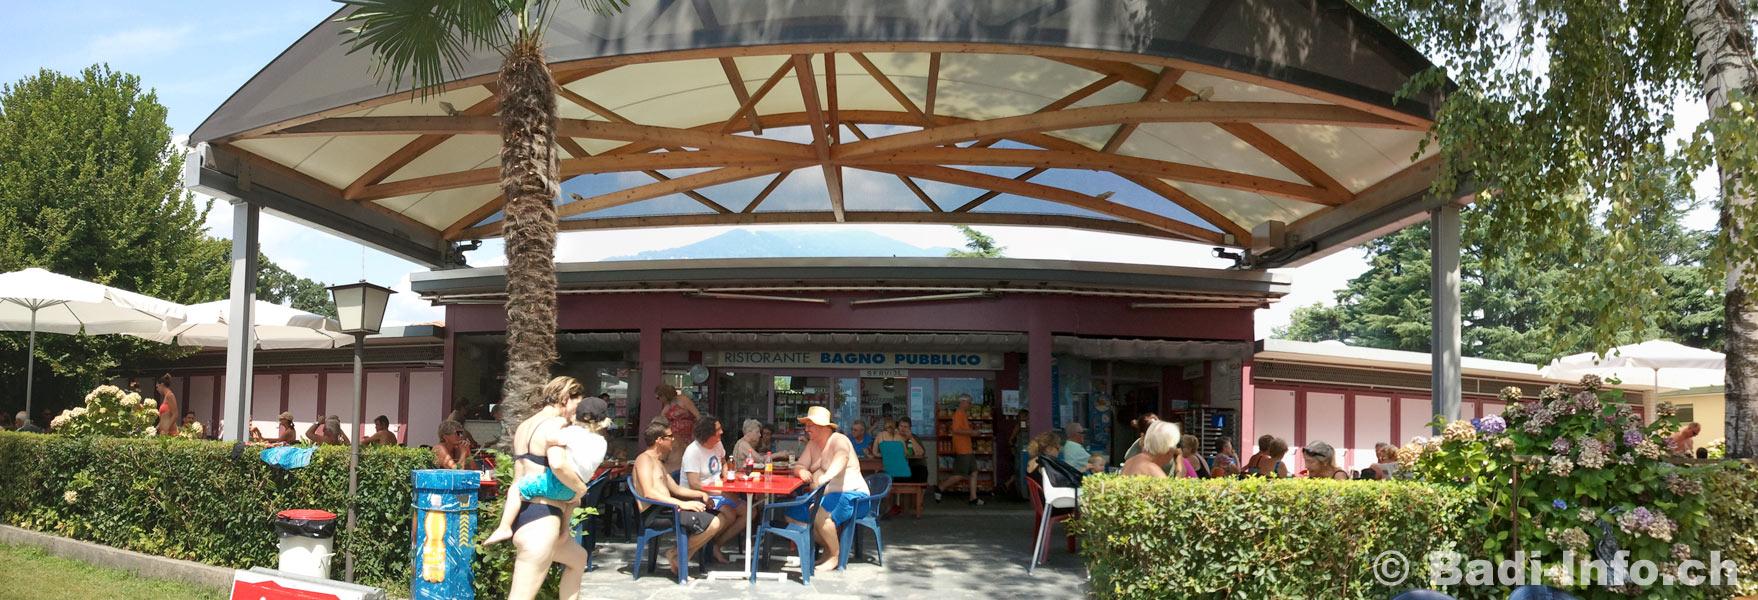 Ascona bagno pubblico strandbad restaurant - Bagno pubblico ascona ...